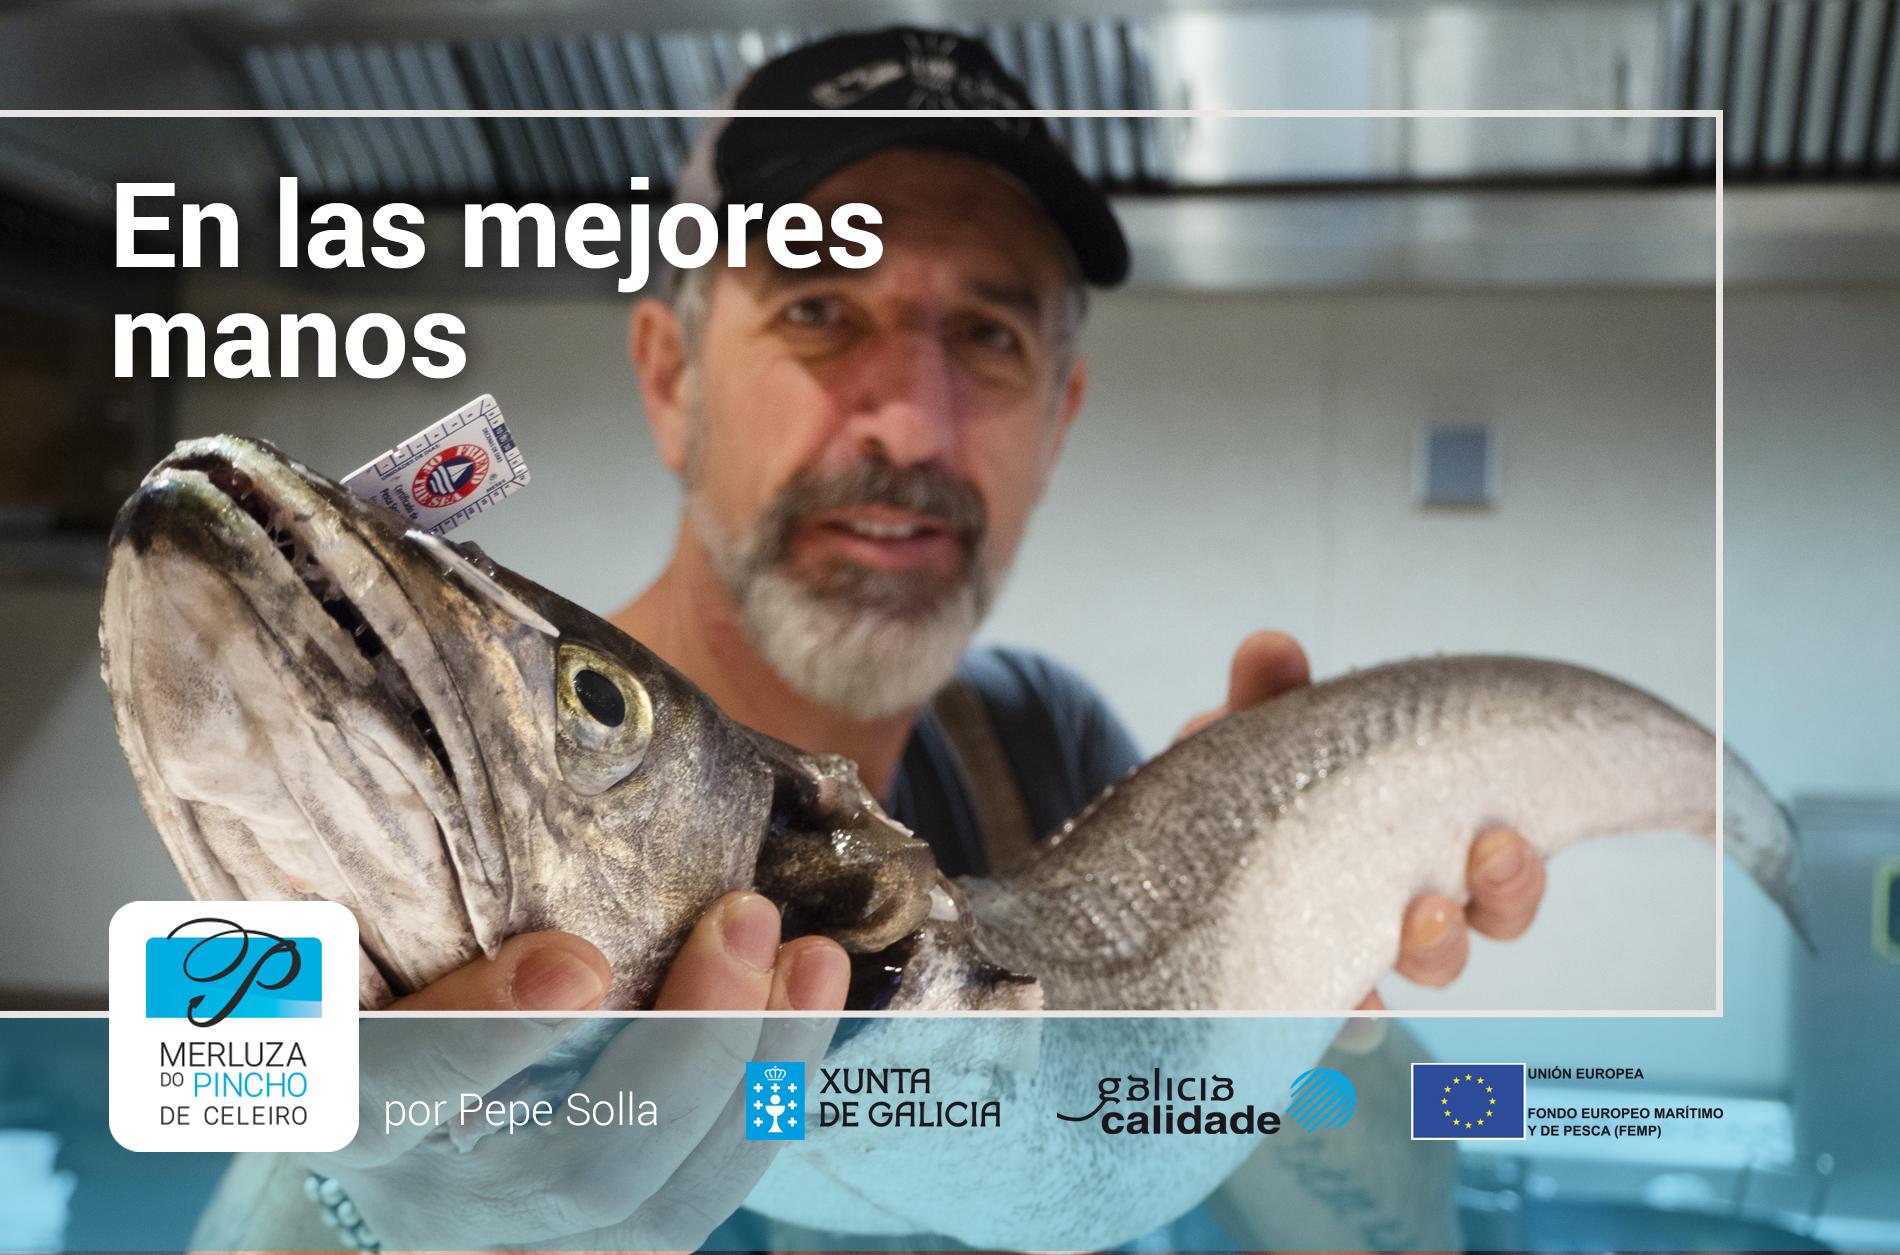 Popup de Pepe Solla con la merluza de pincho de Celeiro - En las mejores manos